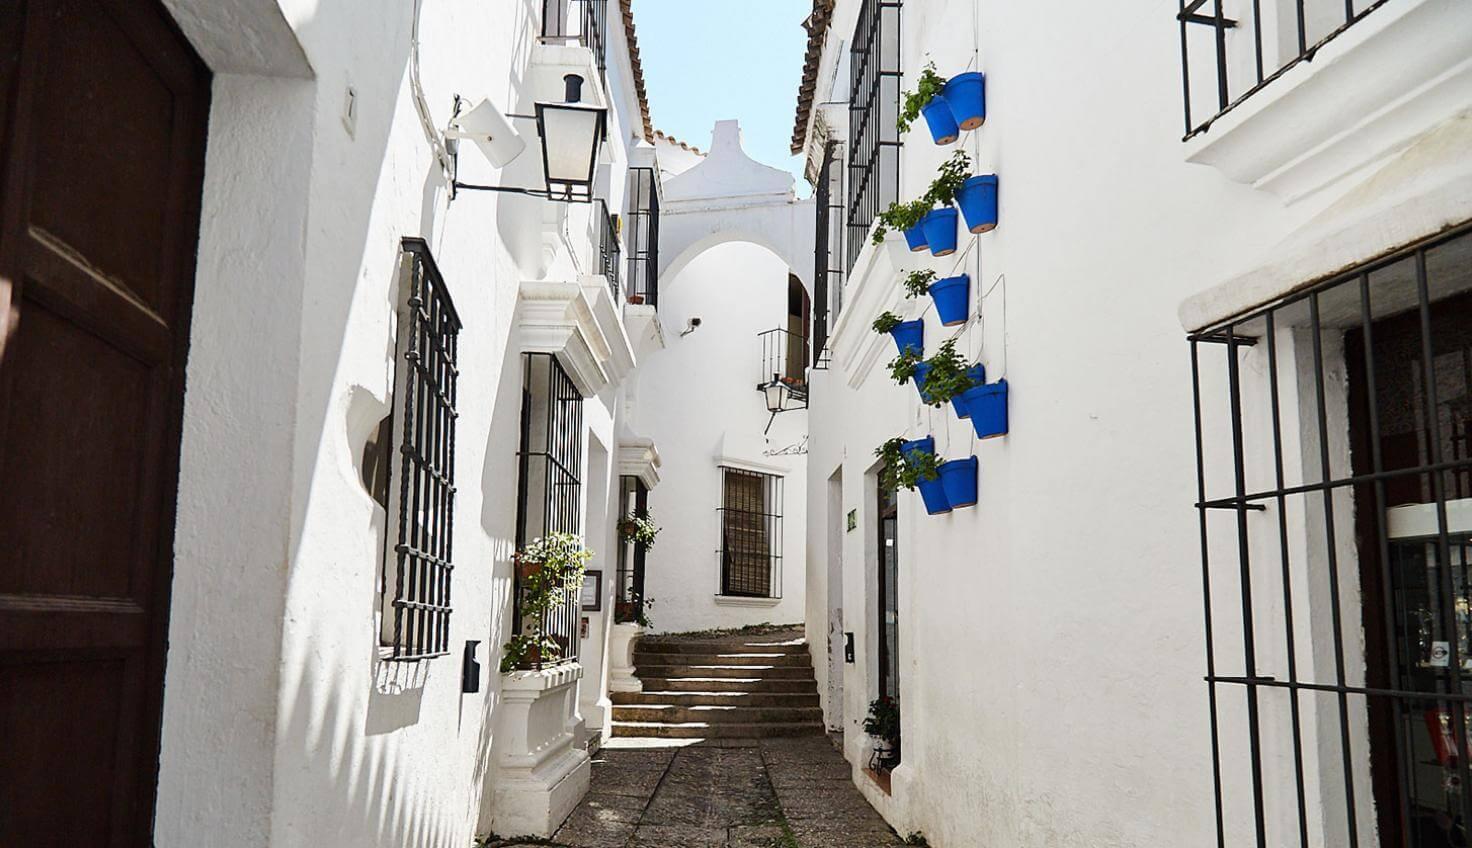 Casas típicas no Poble Espanyol